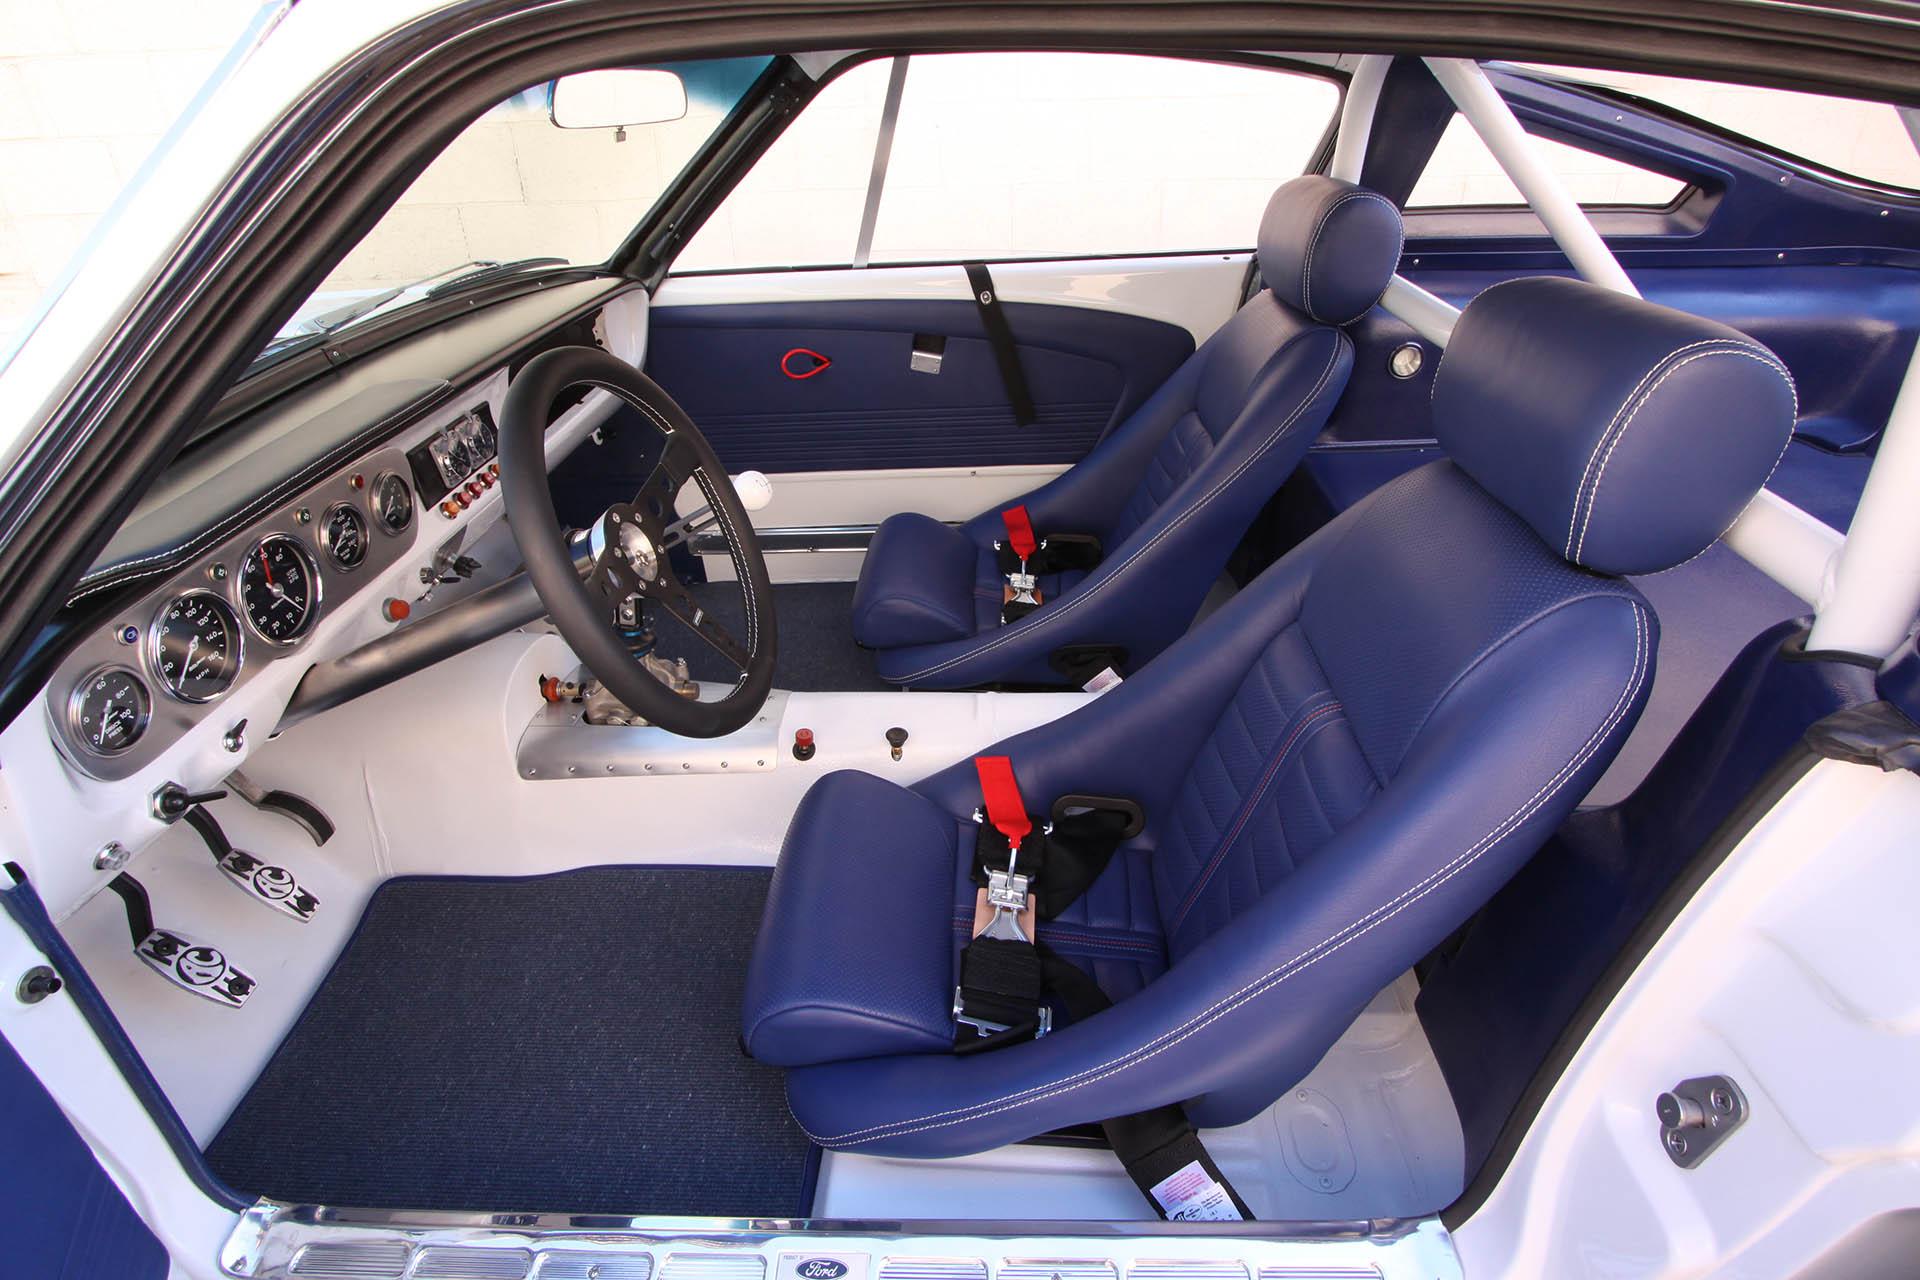 Mustang blue interior